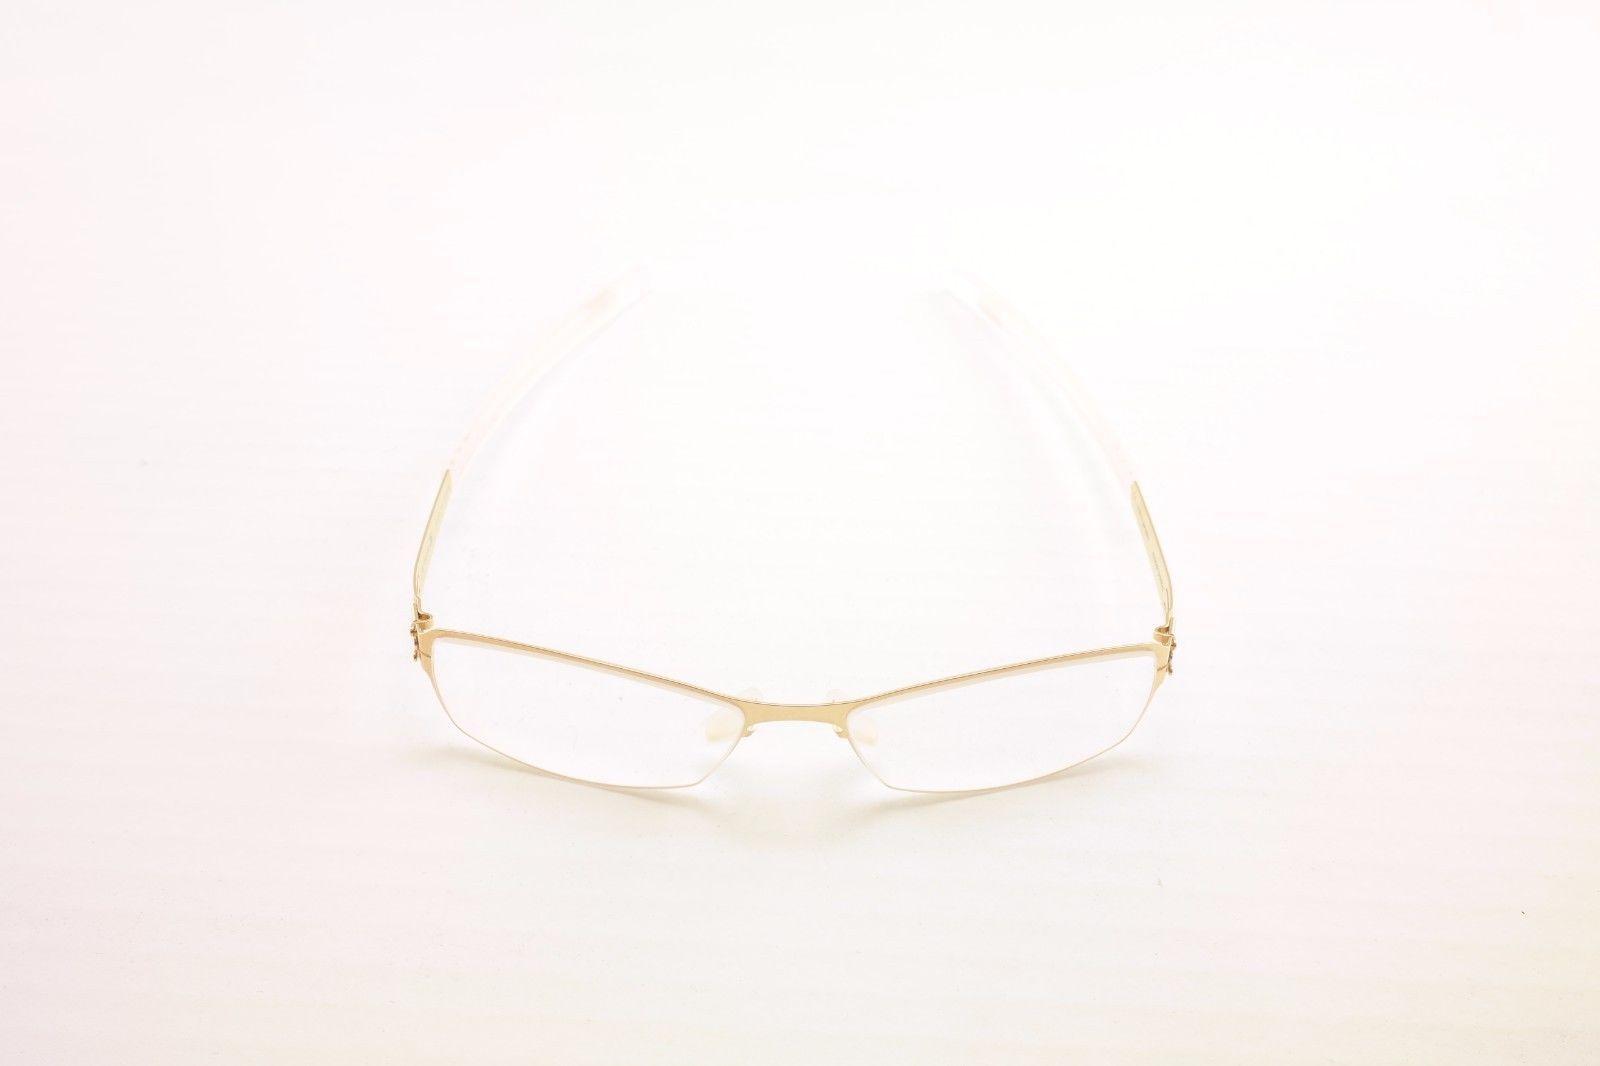 IC! Berlin Eyeglasses Frame Bobby Matt Gold Stainless Steel Germany 45-14-125 25